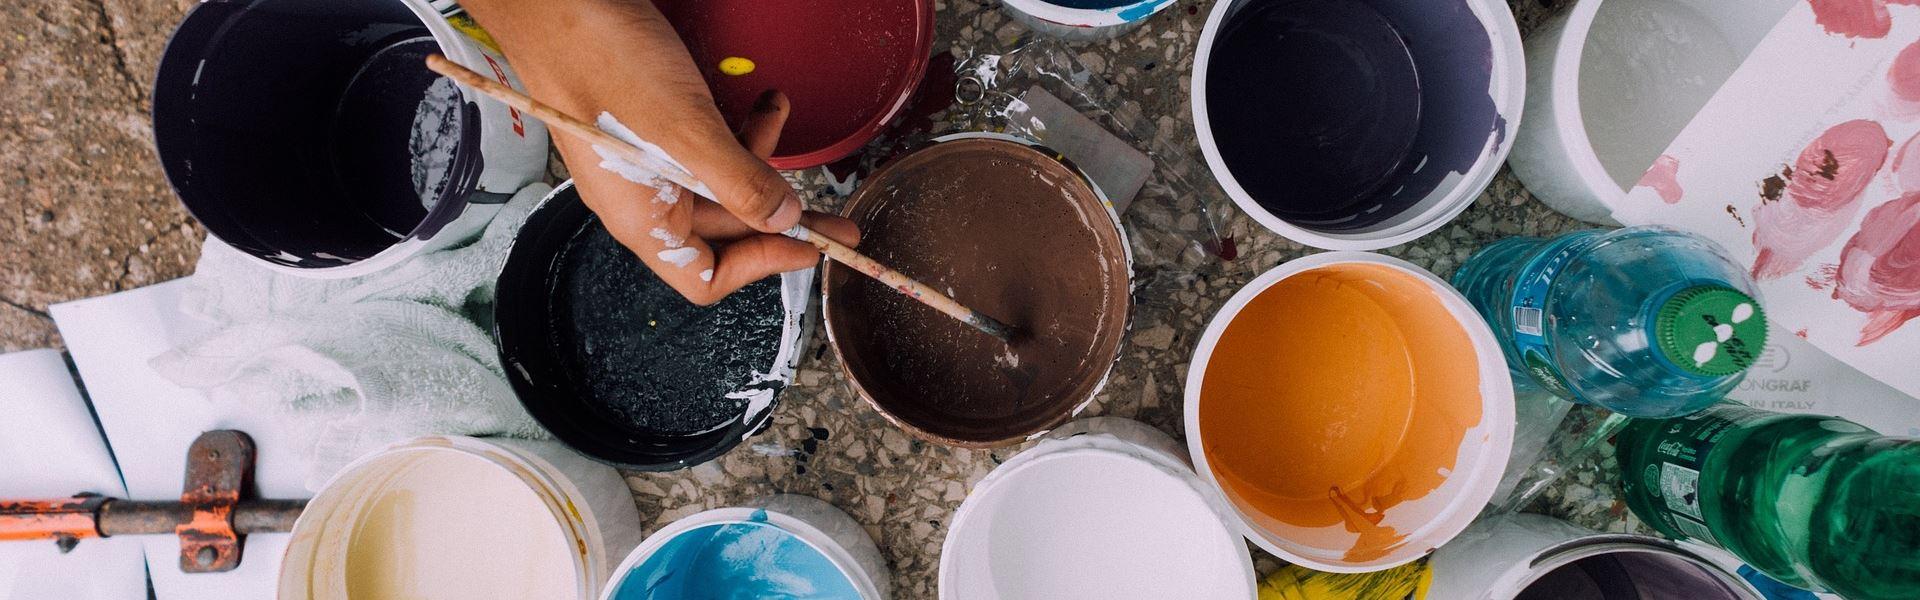 Maler mit verschiedenen Farben